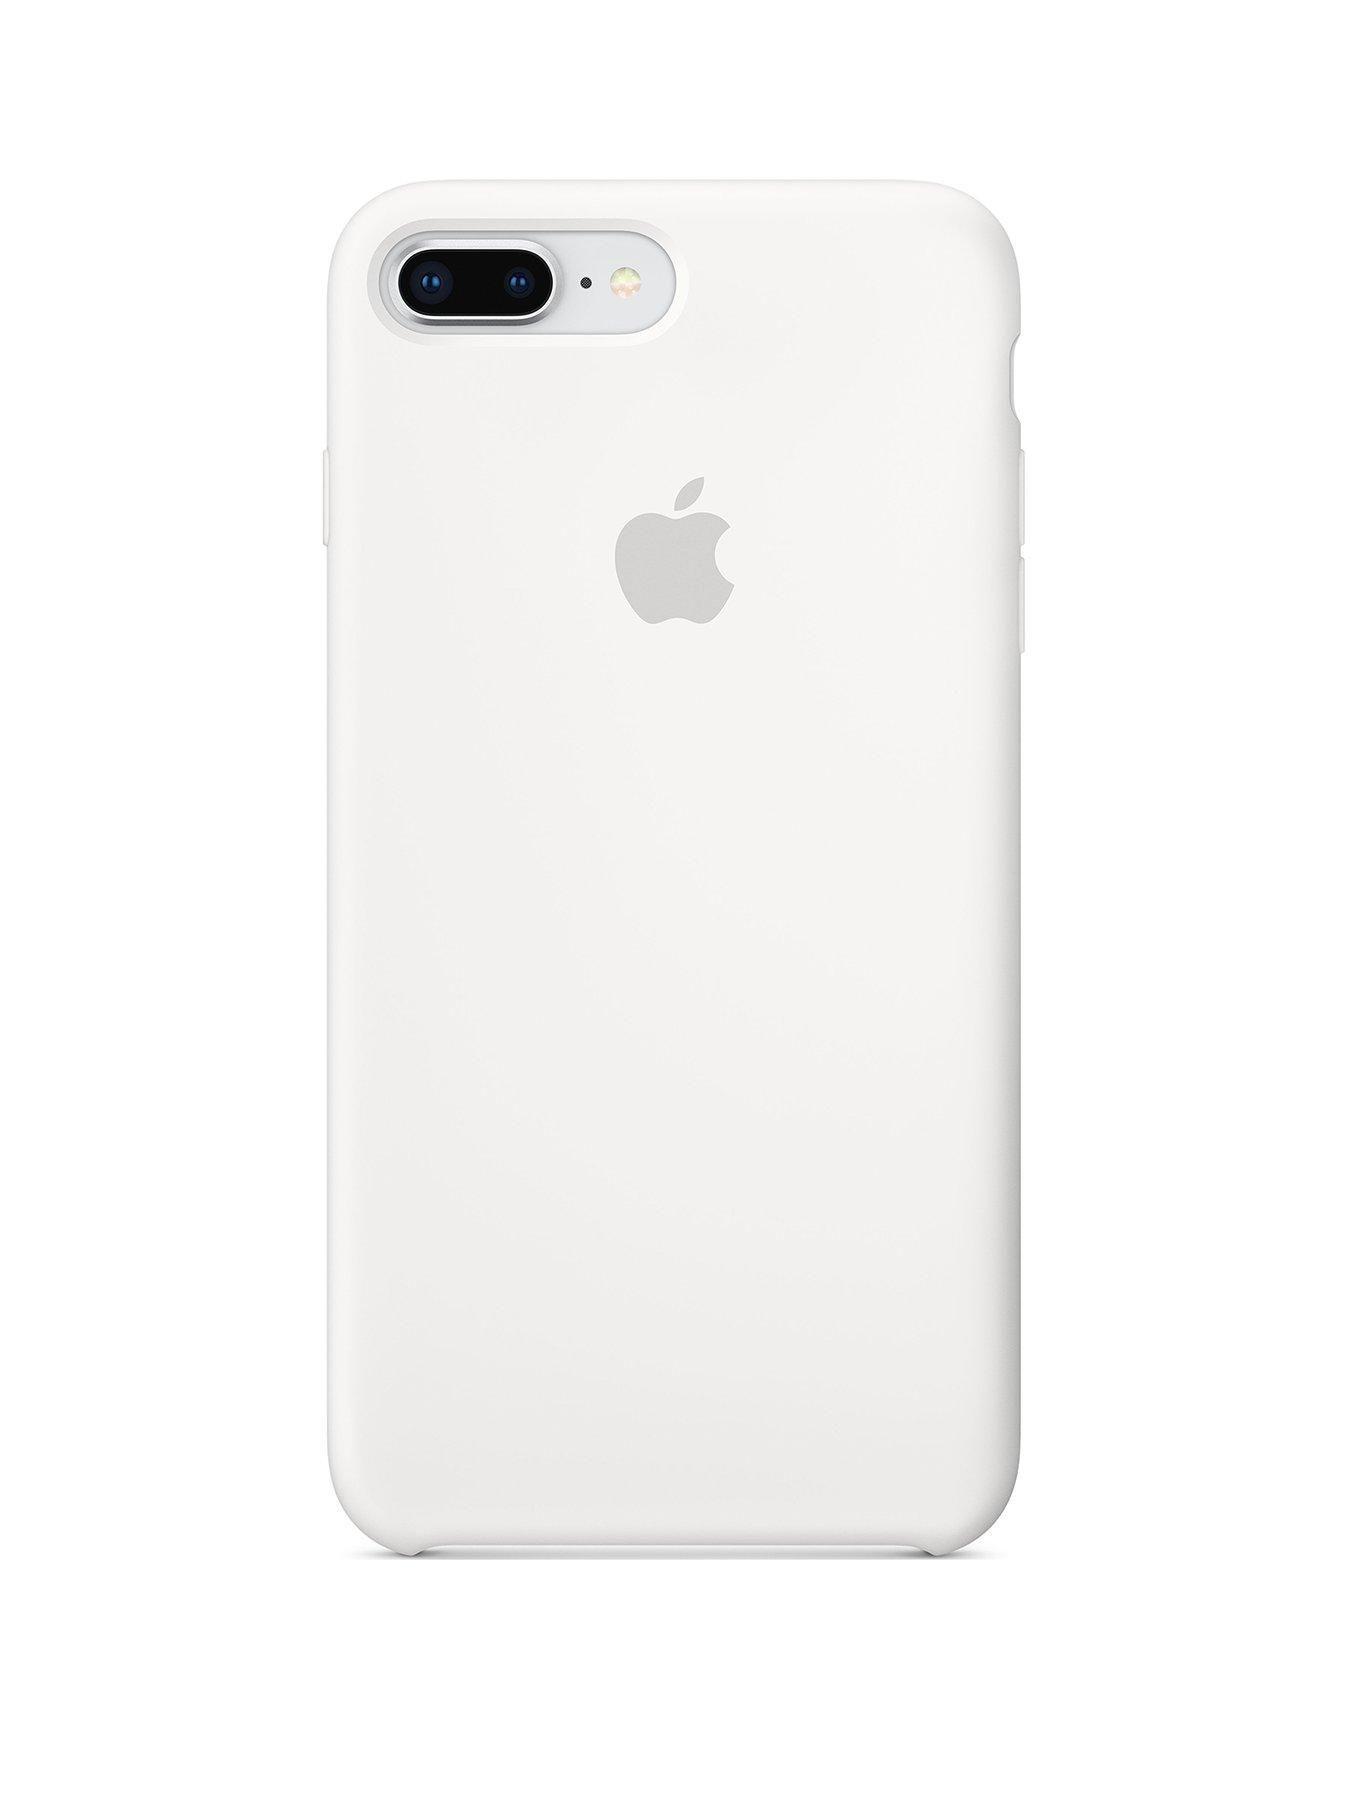 iPhone 8 Plus / 7 Plus Silicone Case - White | Silicone iphone ...